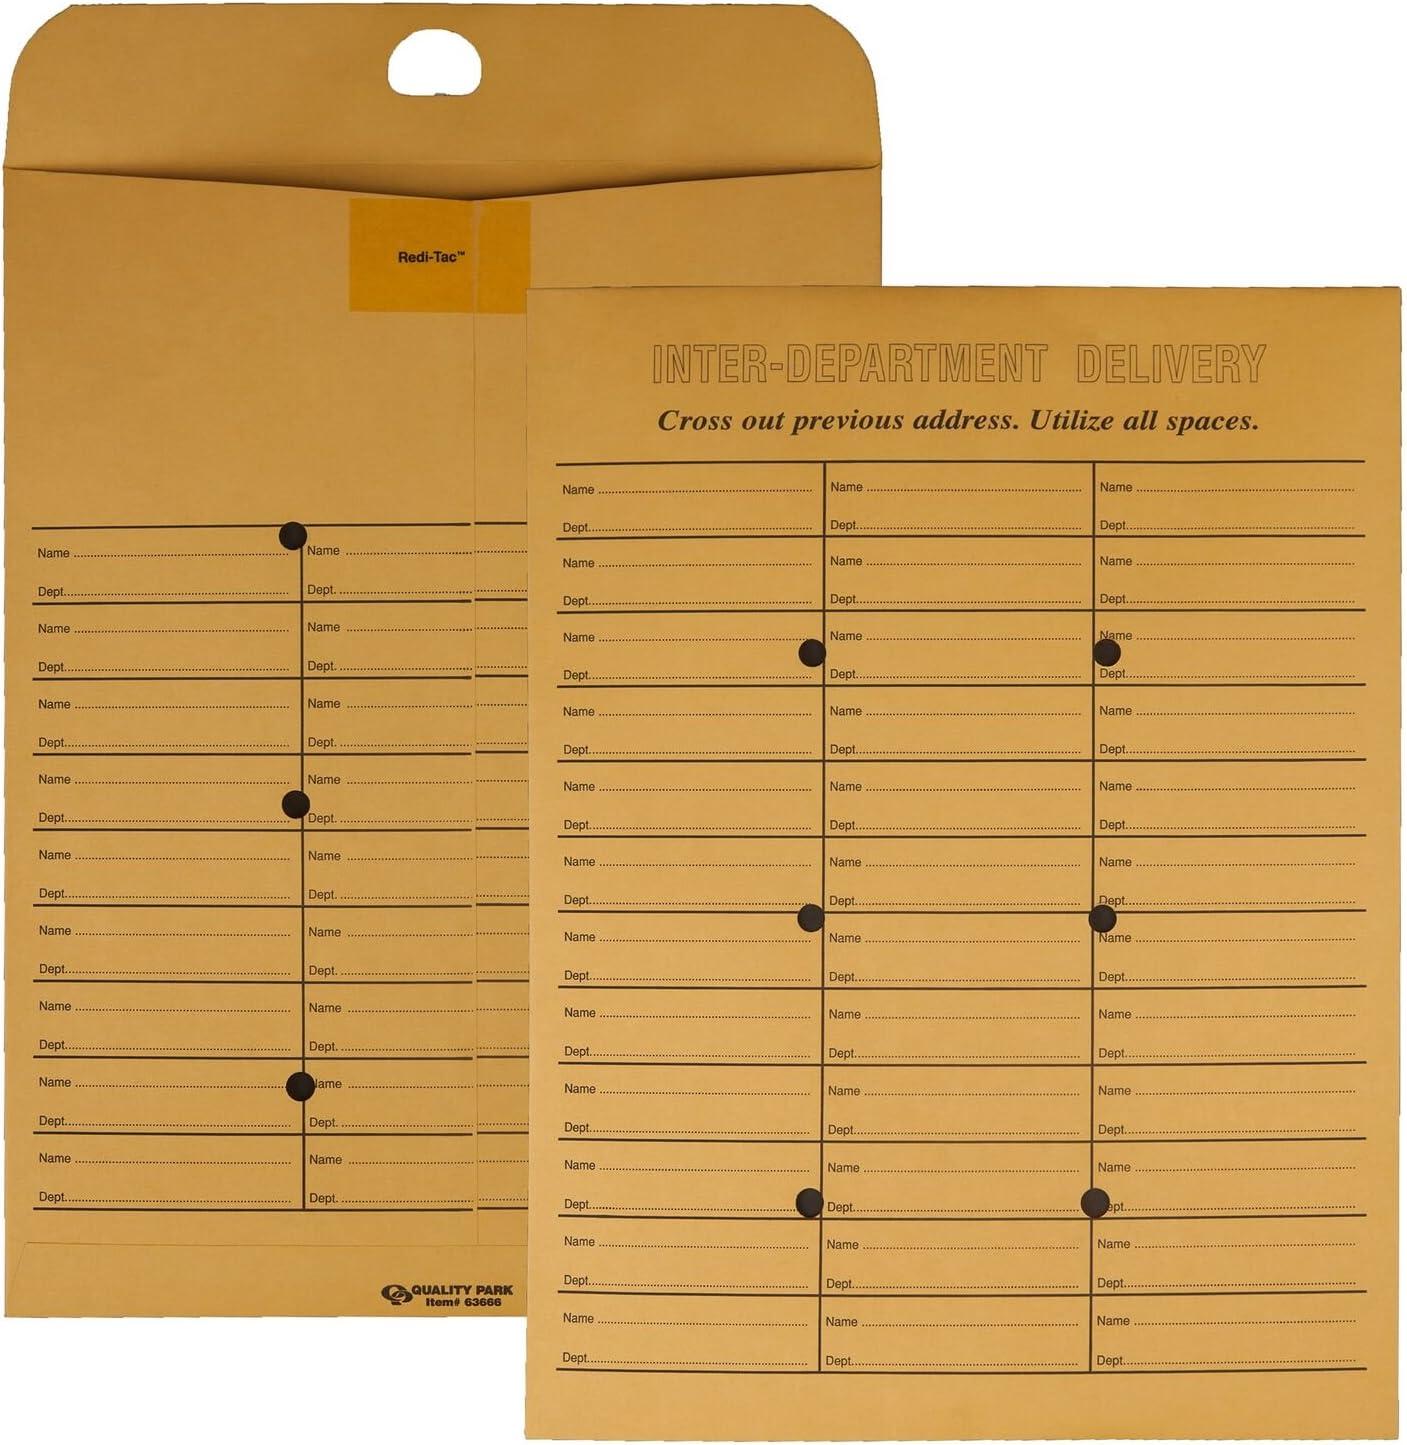 Quality Park 2-Side Interoffice Envelopes, Redi-Tac Box-Style, Brown Kraft, 10 x 13, 100 per Box, (63666)